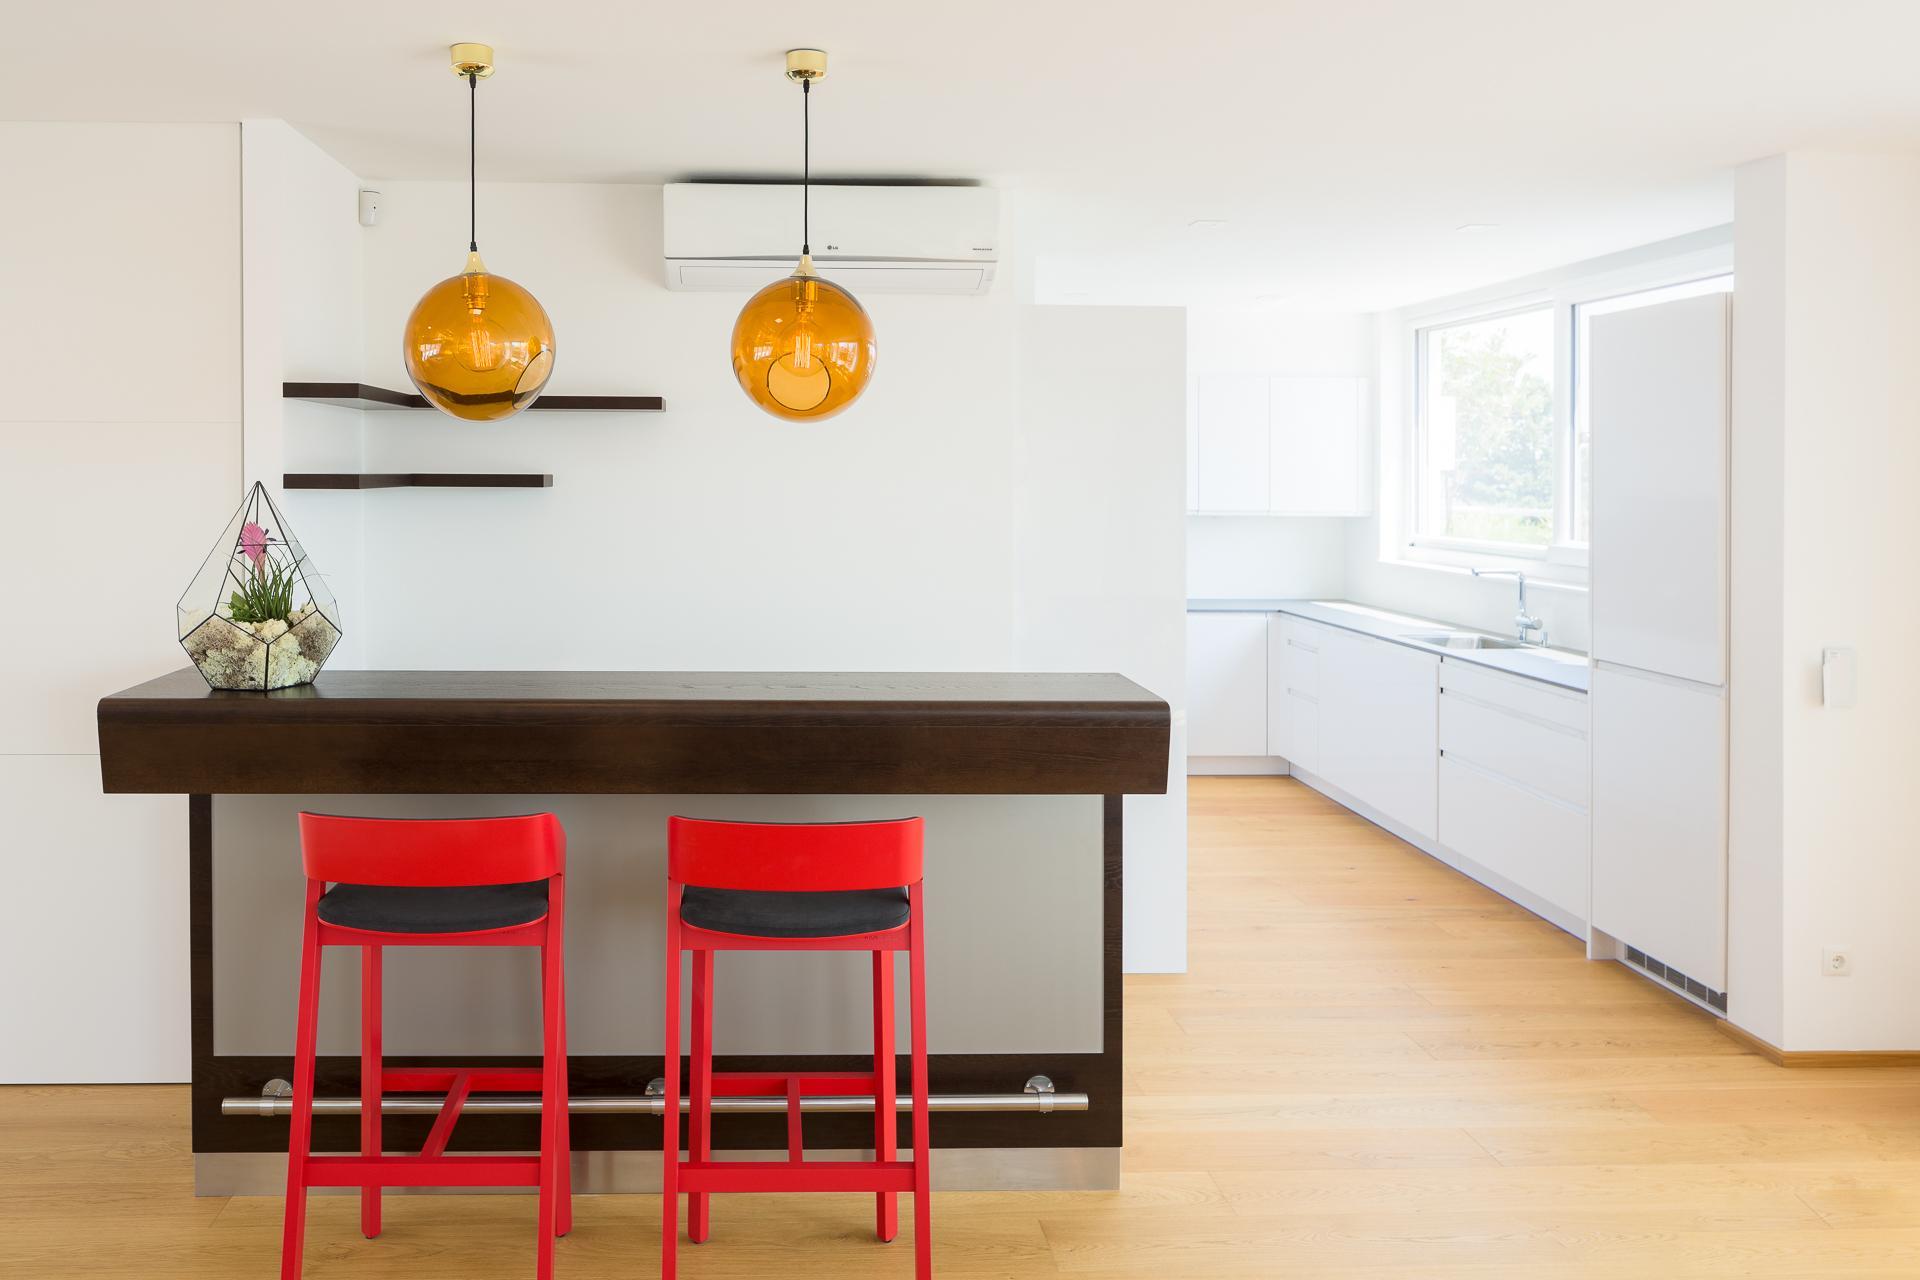 Großartig Bar Für Küche Bilder >> Einzimmer Kuche Bar. Moderne Bar ...